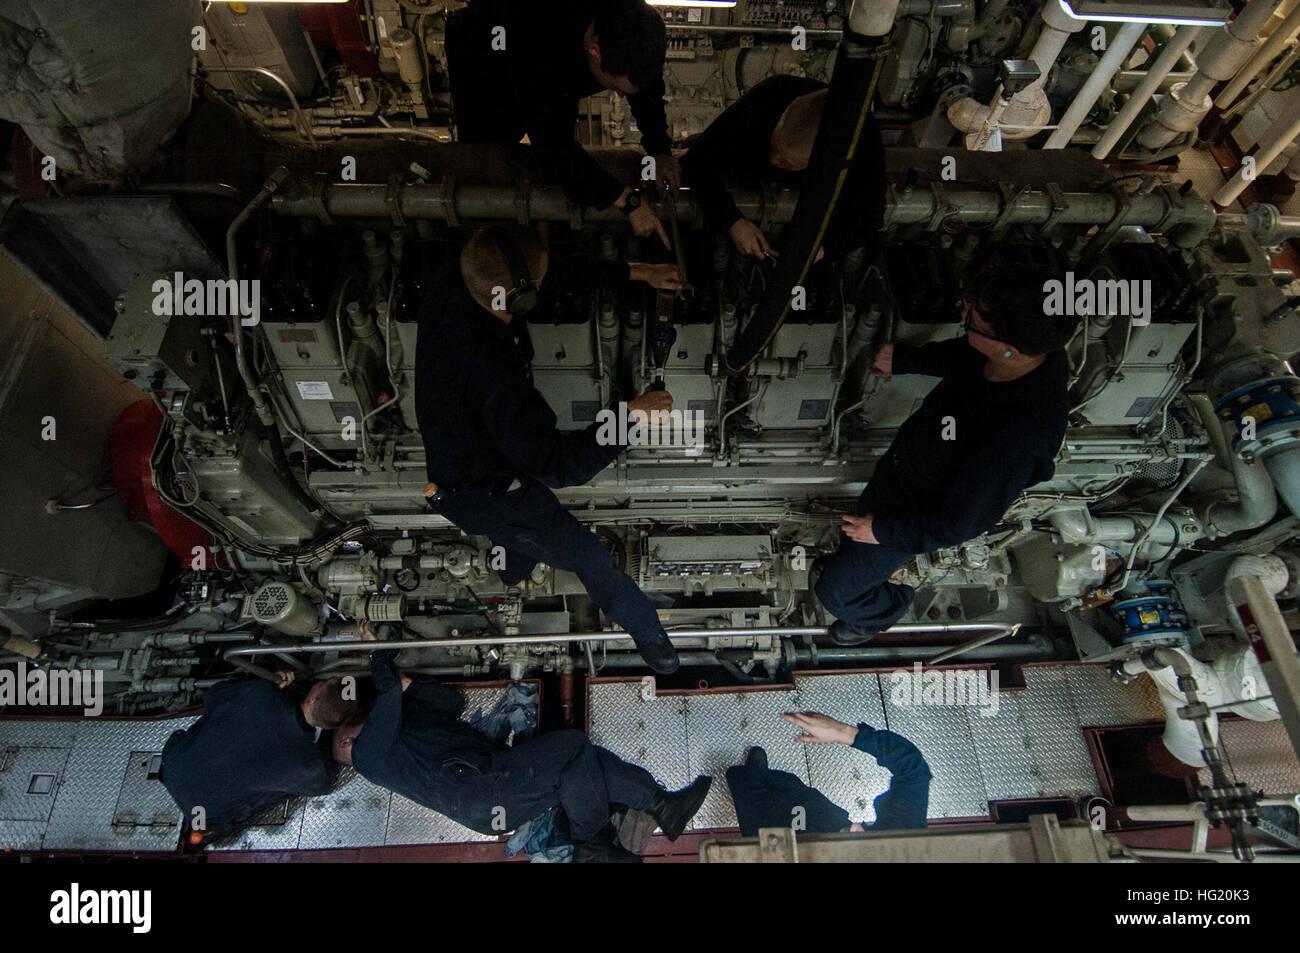 u s sailors perform maintenance on stock photos  u0026 u s